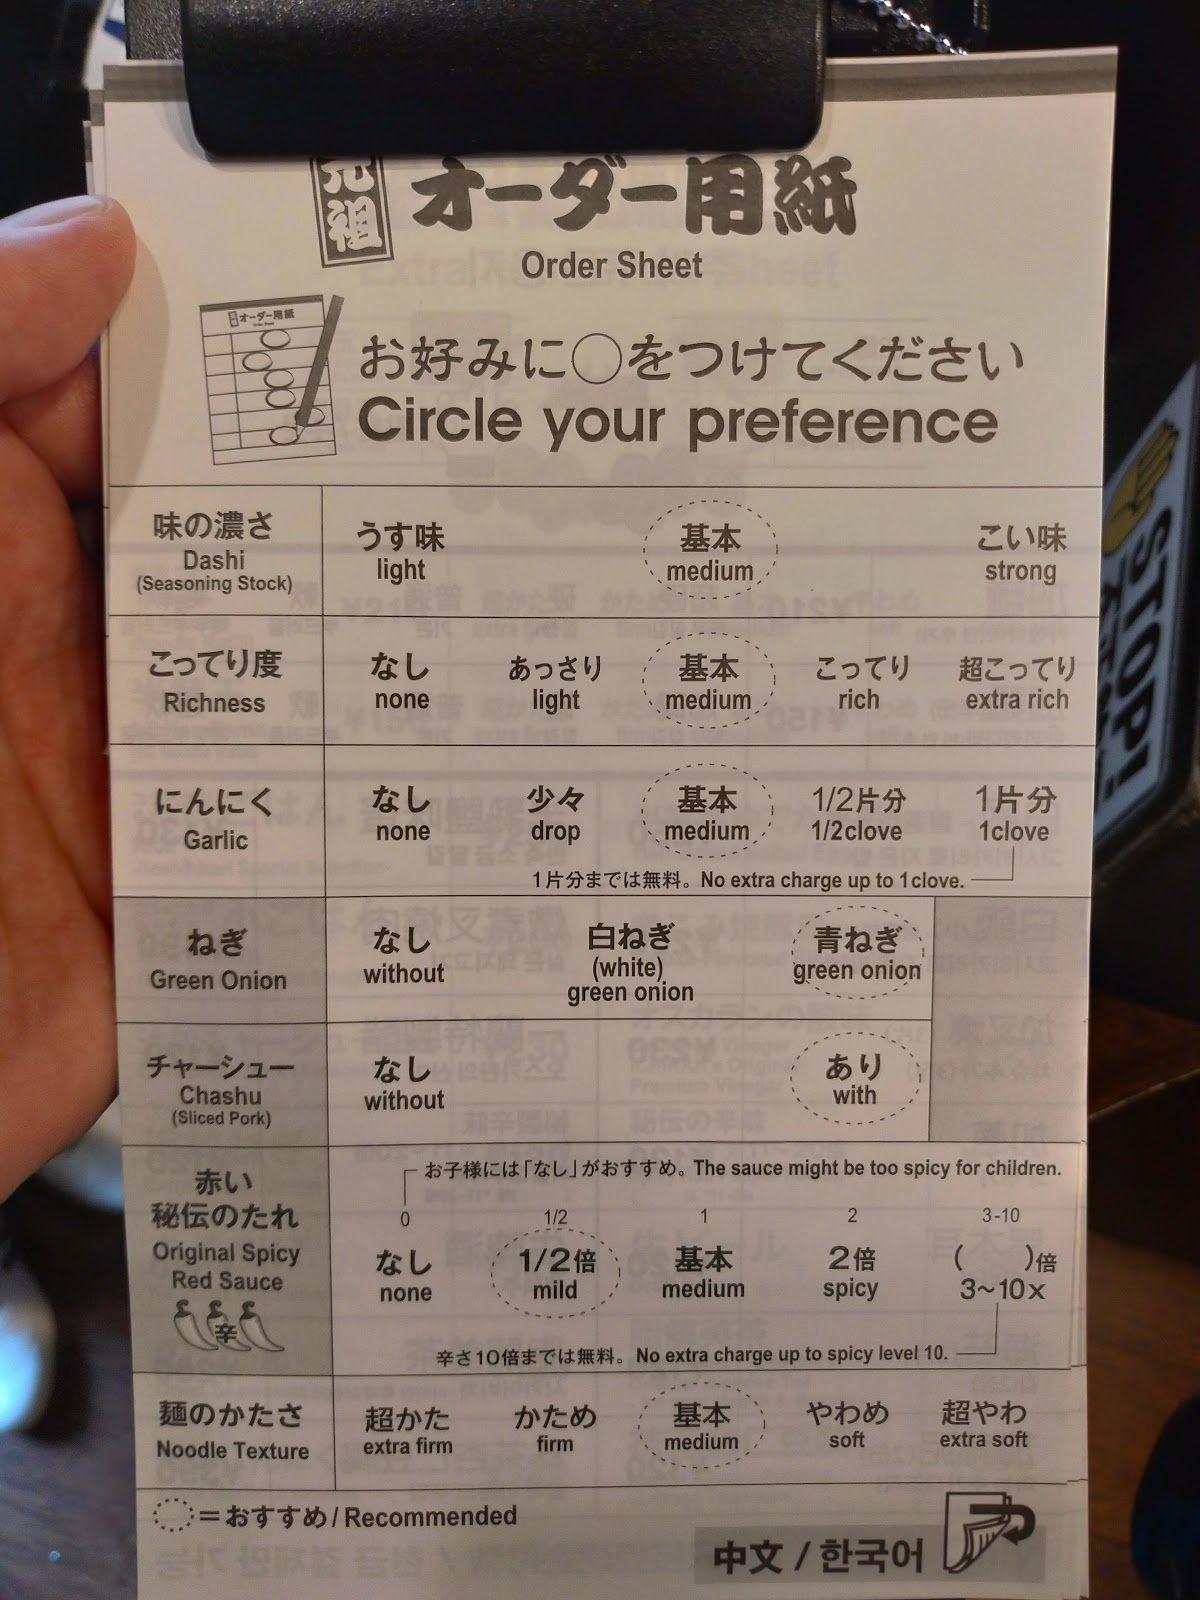 一蘭天神西通り店 一蘭のオーダー用紙 2021 とんこつ 福岡 ラーメン 秘伝